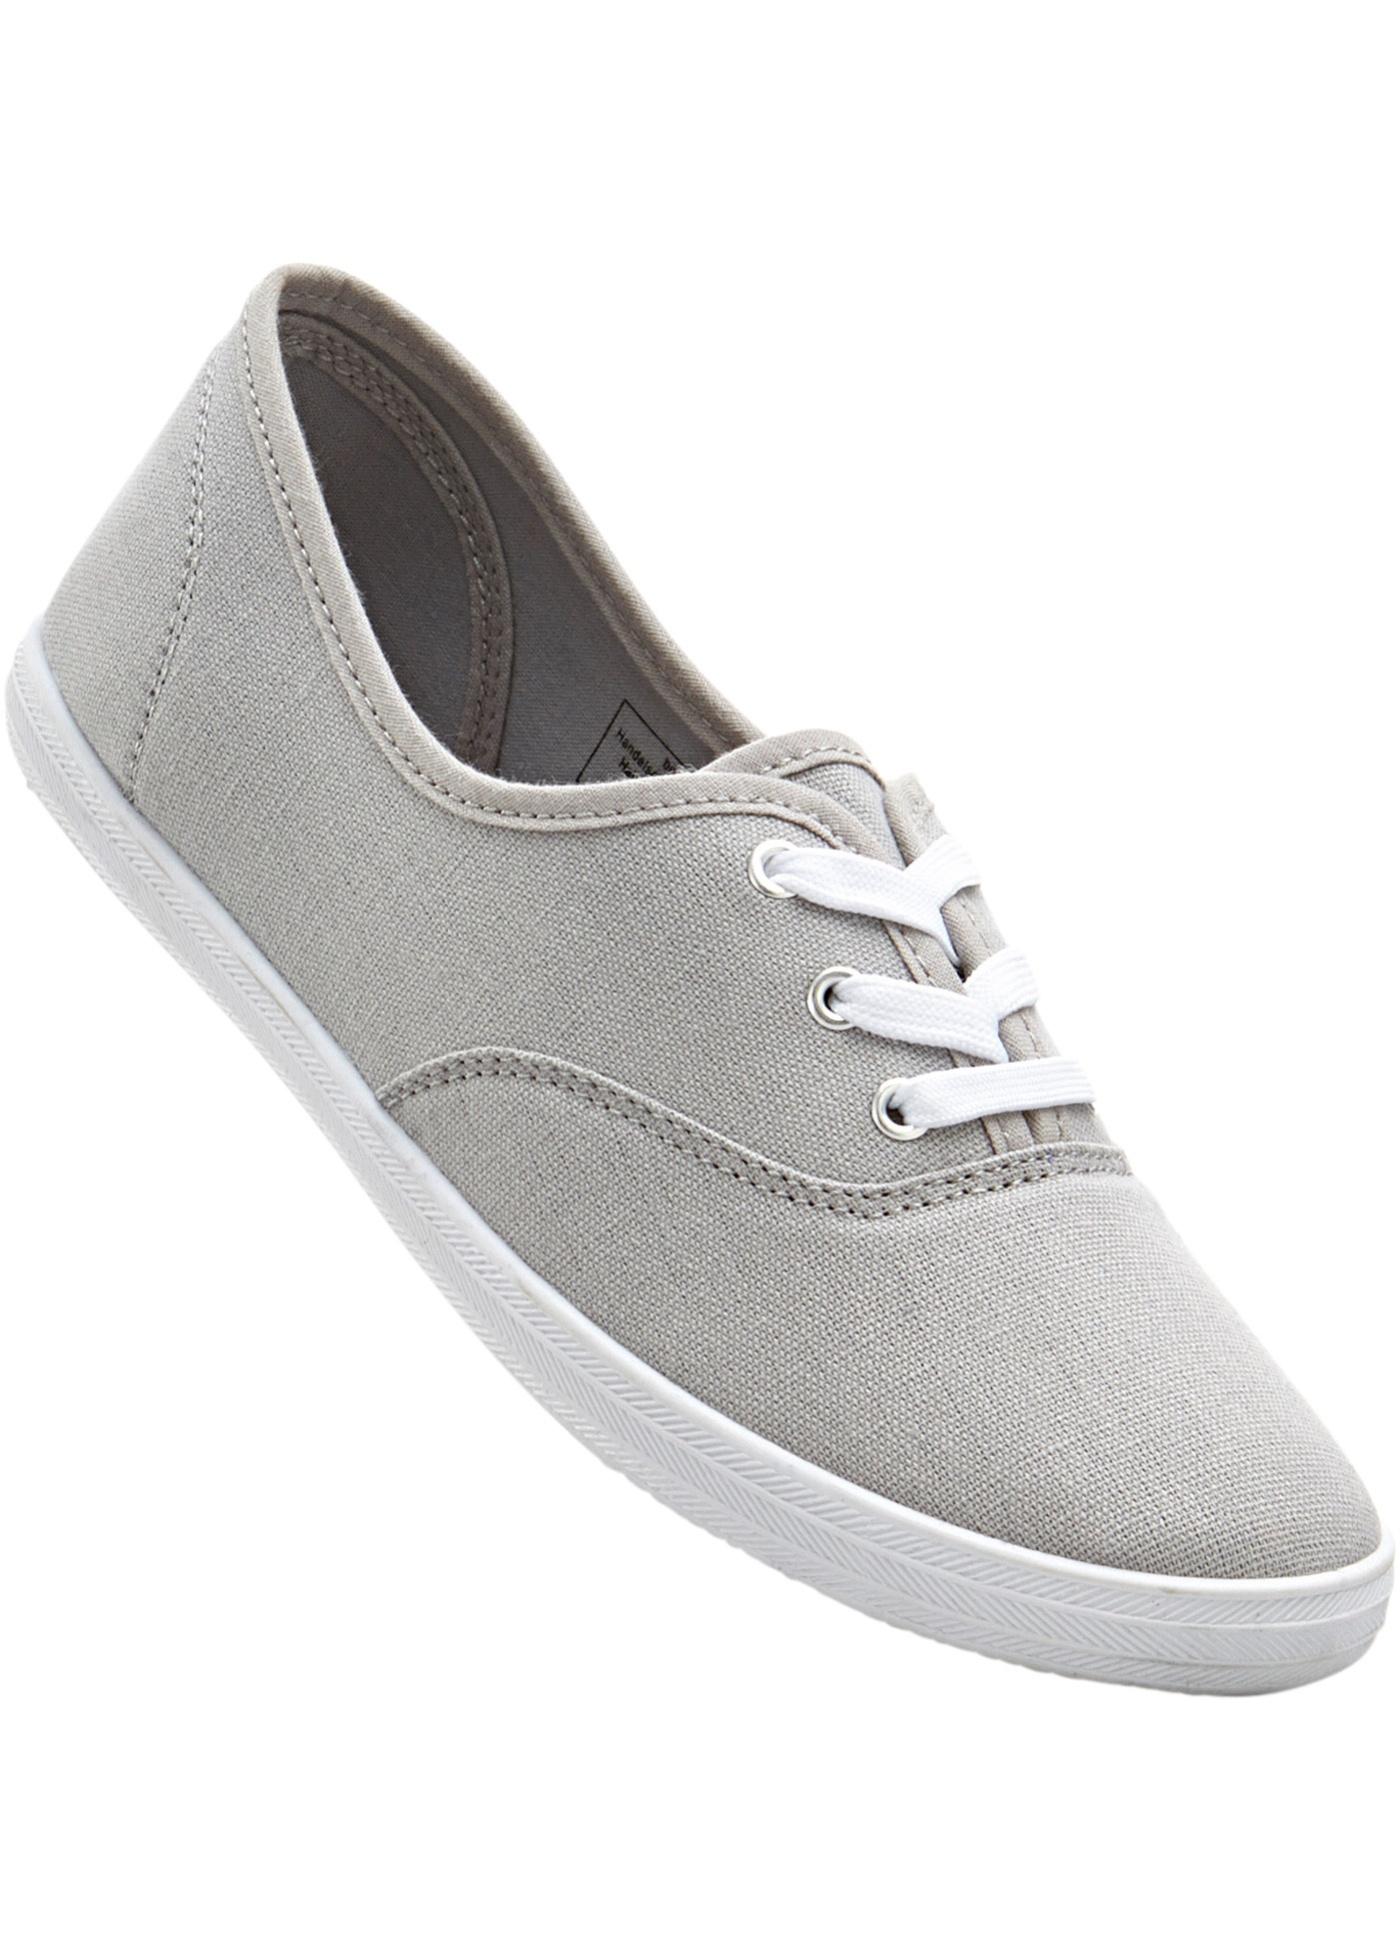 Chaussures estivales légères, style sportif et tendance, avec lacets.